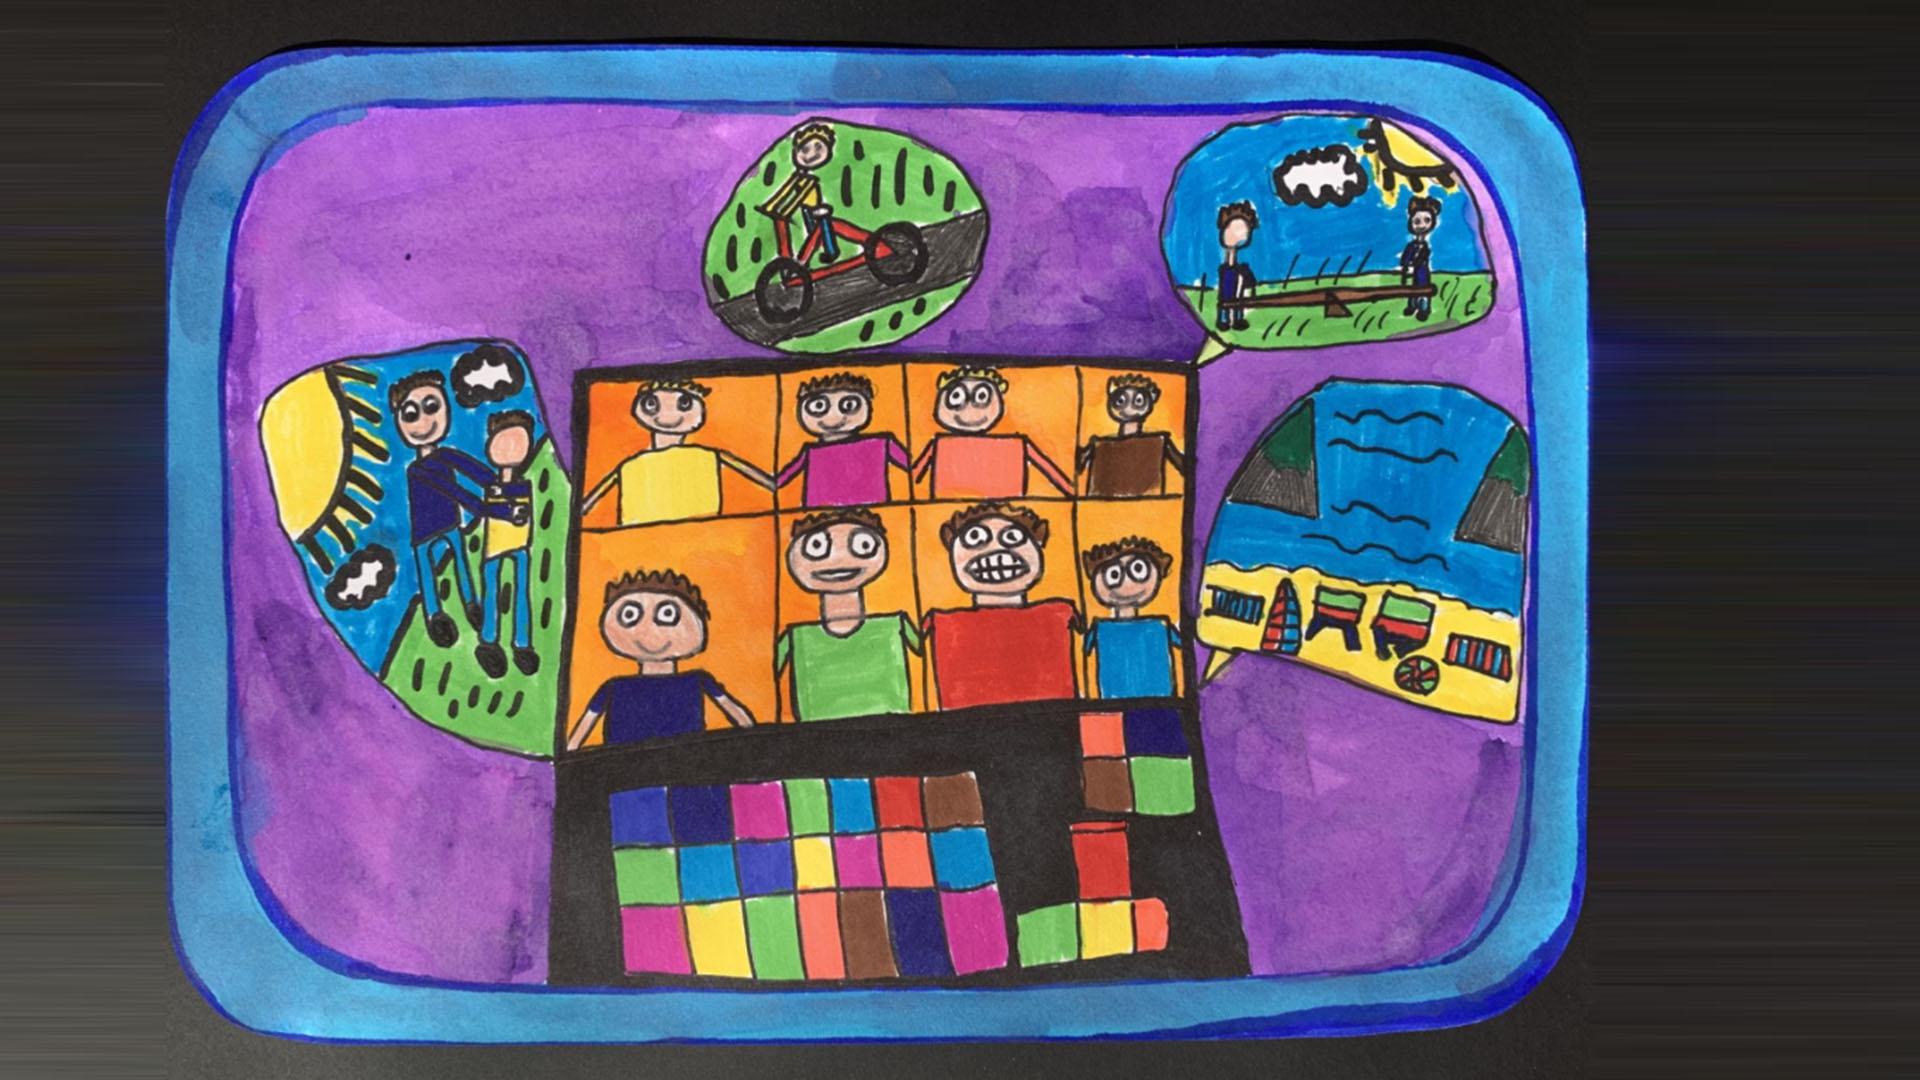 Iskolások kreatív alkotásai mutatják meg, hogyan élték meg a járványt